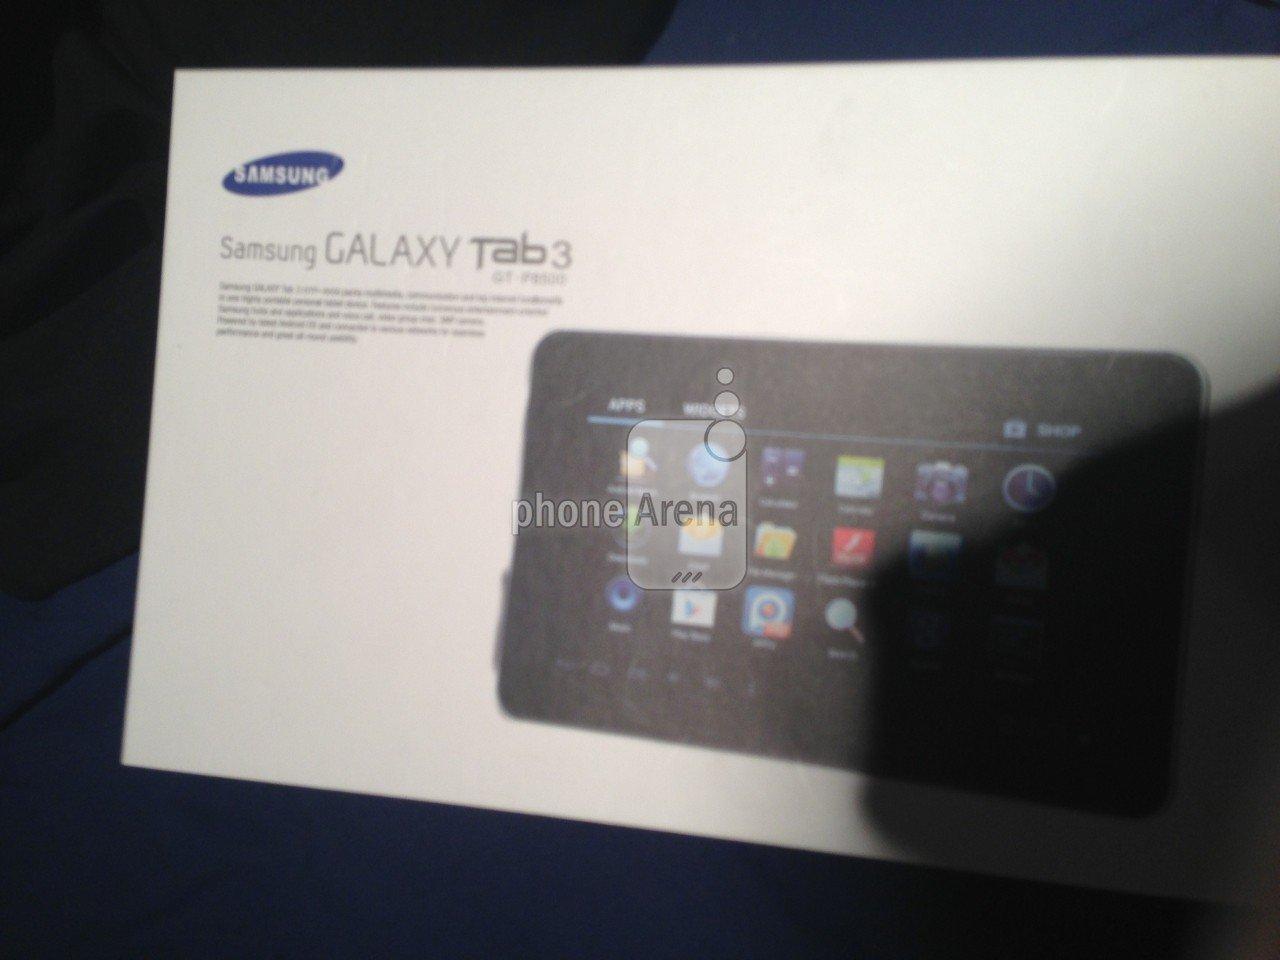 Samsung-Galaxy-Tab-3-jpg